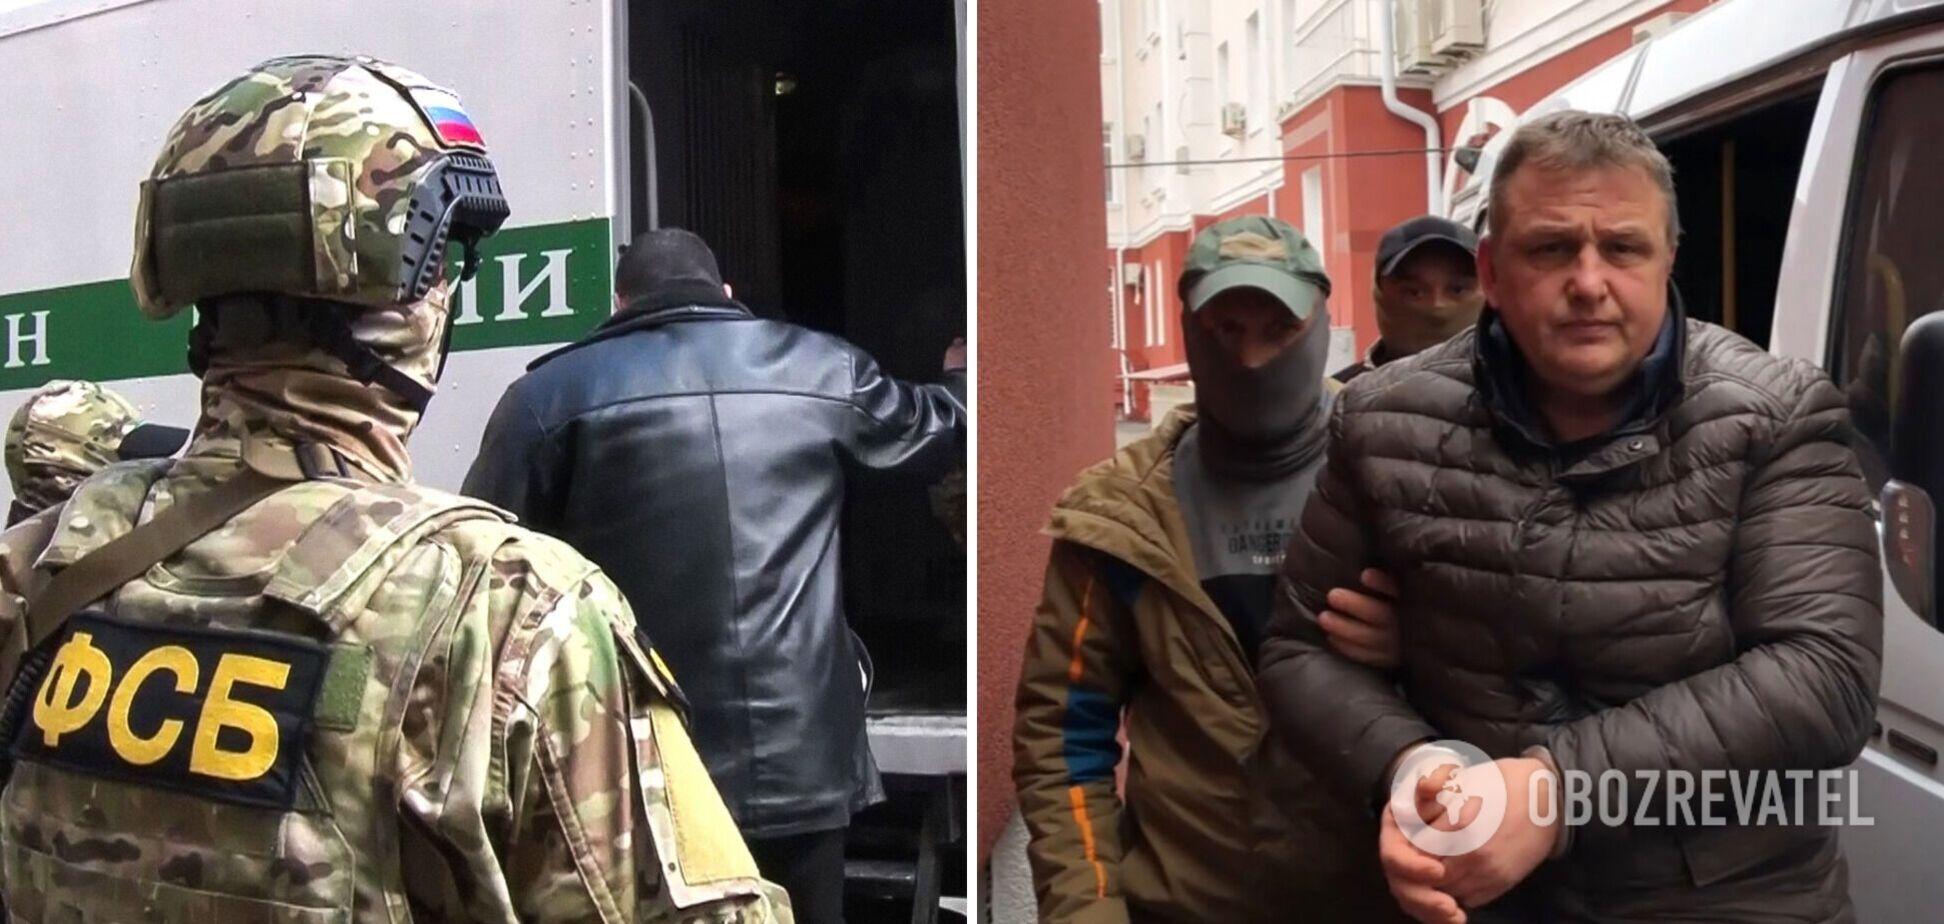 Задержанный в Крыму журналист – о пытках ФСБ: от боли я готов был признаться в чем угодно